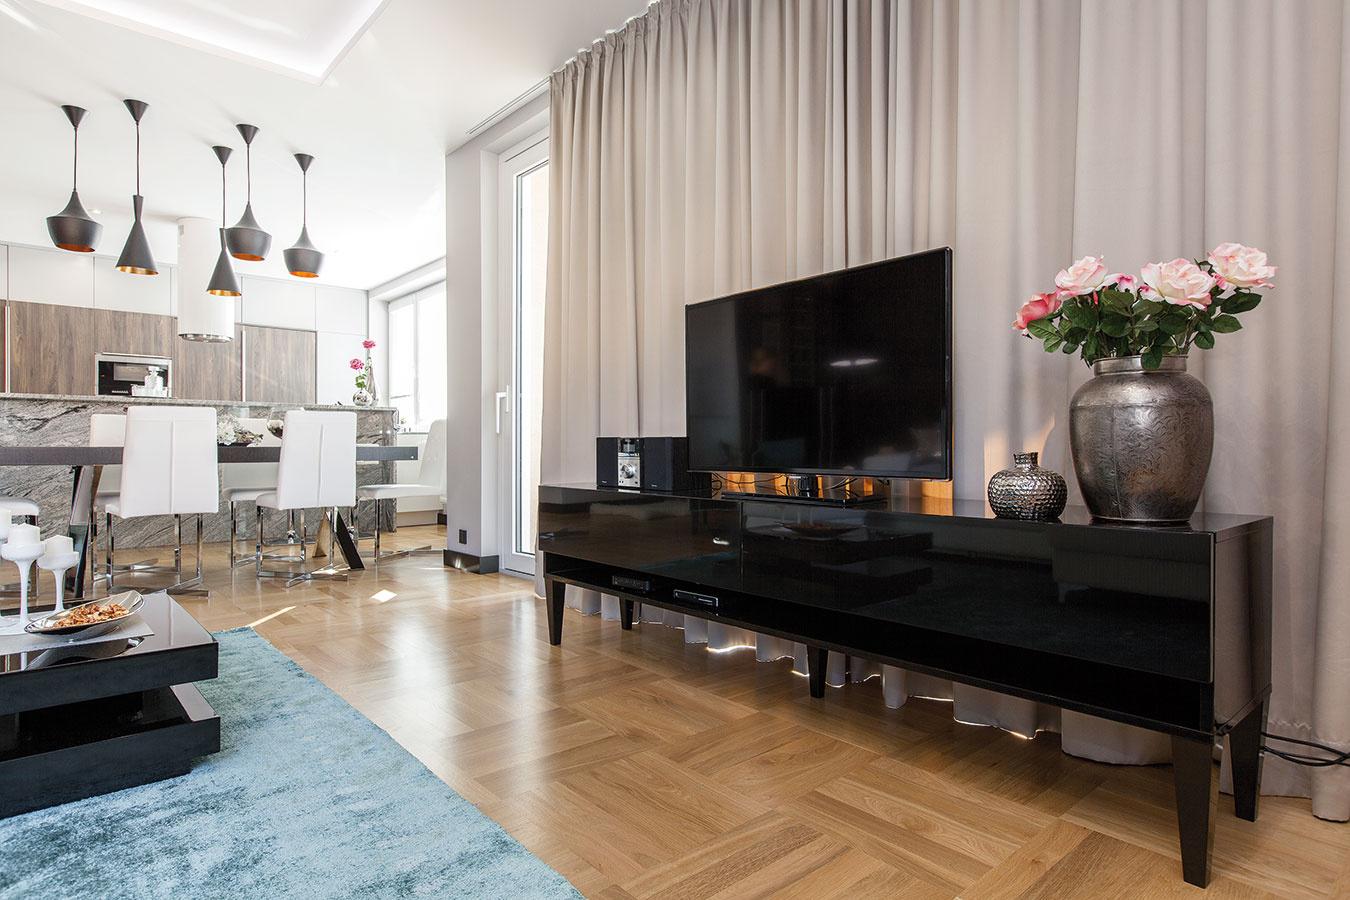 Dizajn na mieru. Stolík pod televízor vyrobil podľa Kamilinho návrhu stolár. Hodvábny koberec, príjemný na dotyk, oživuje obývačku farbou aj štruktúrou. Ladia sním aj dvojvrstvové závesy, ktoré sú zjednej strany béžové azdruhej jemne tyrkysové.